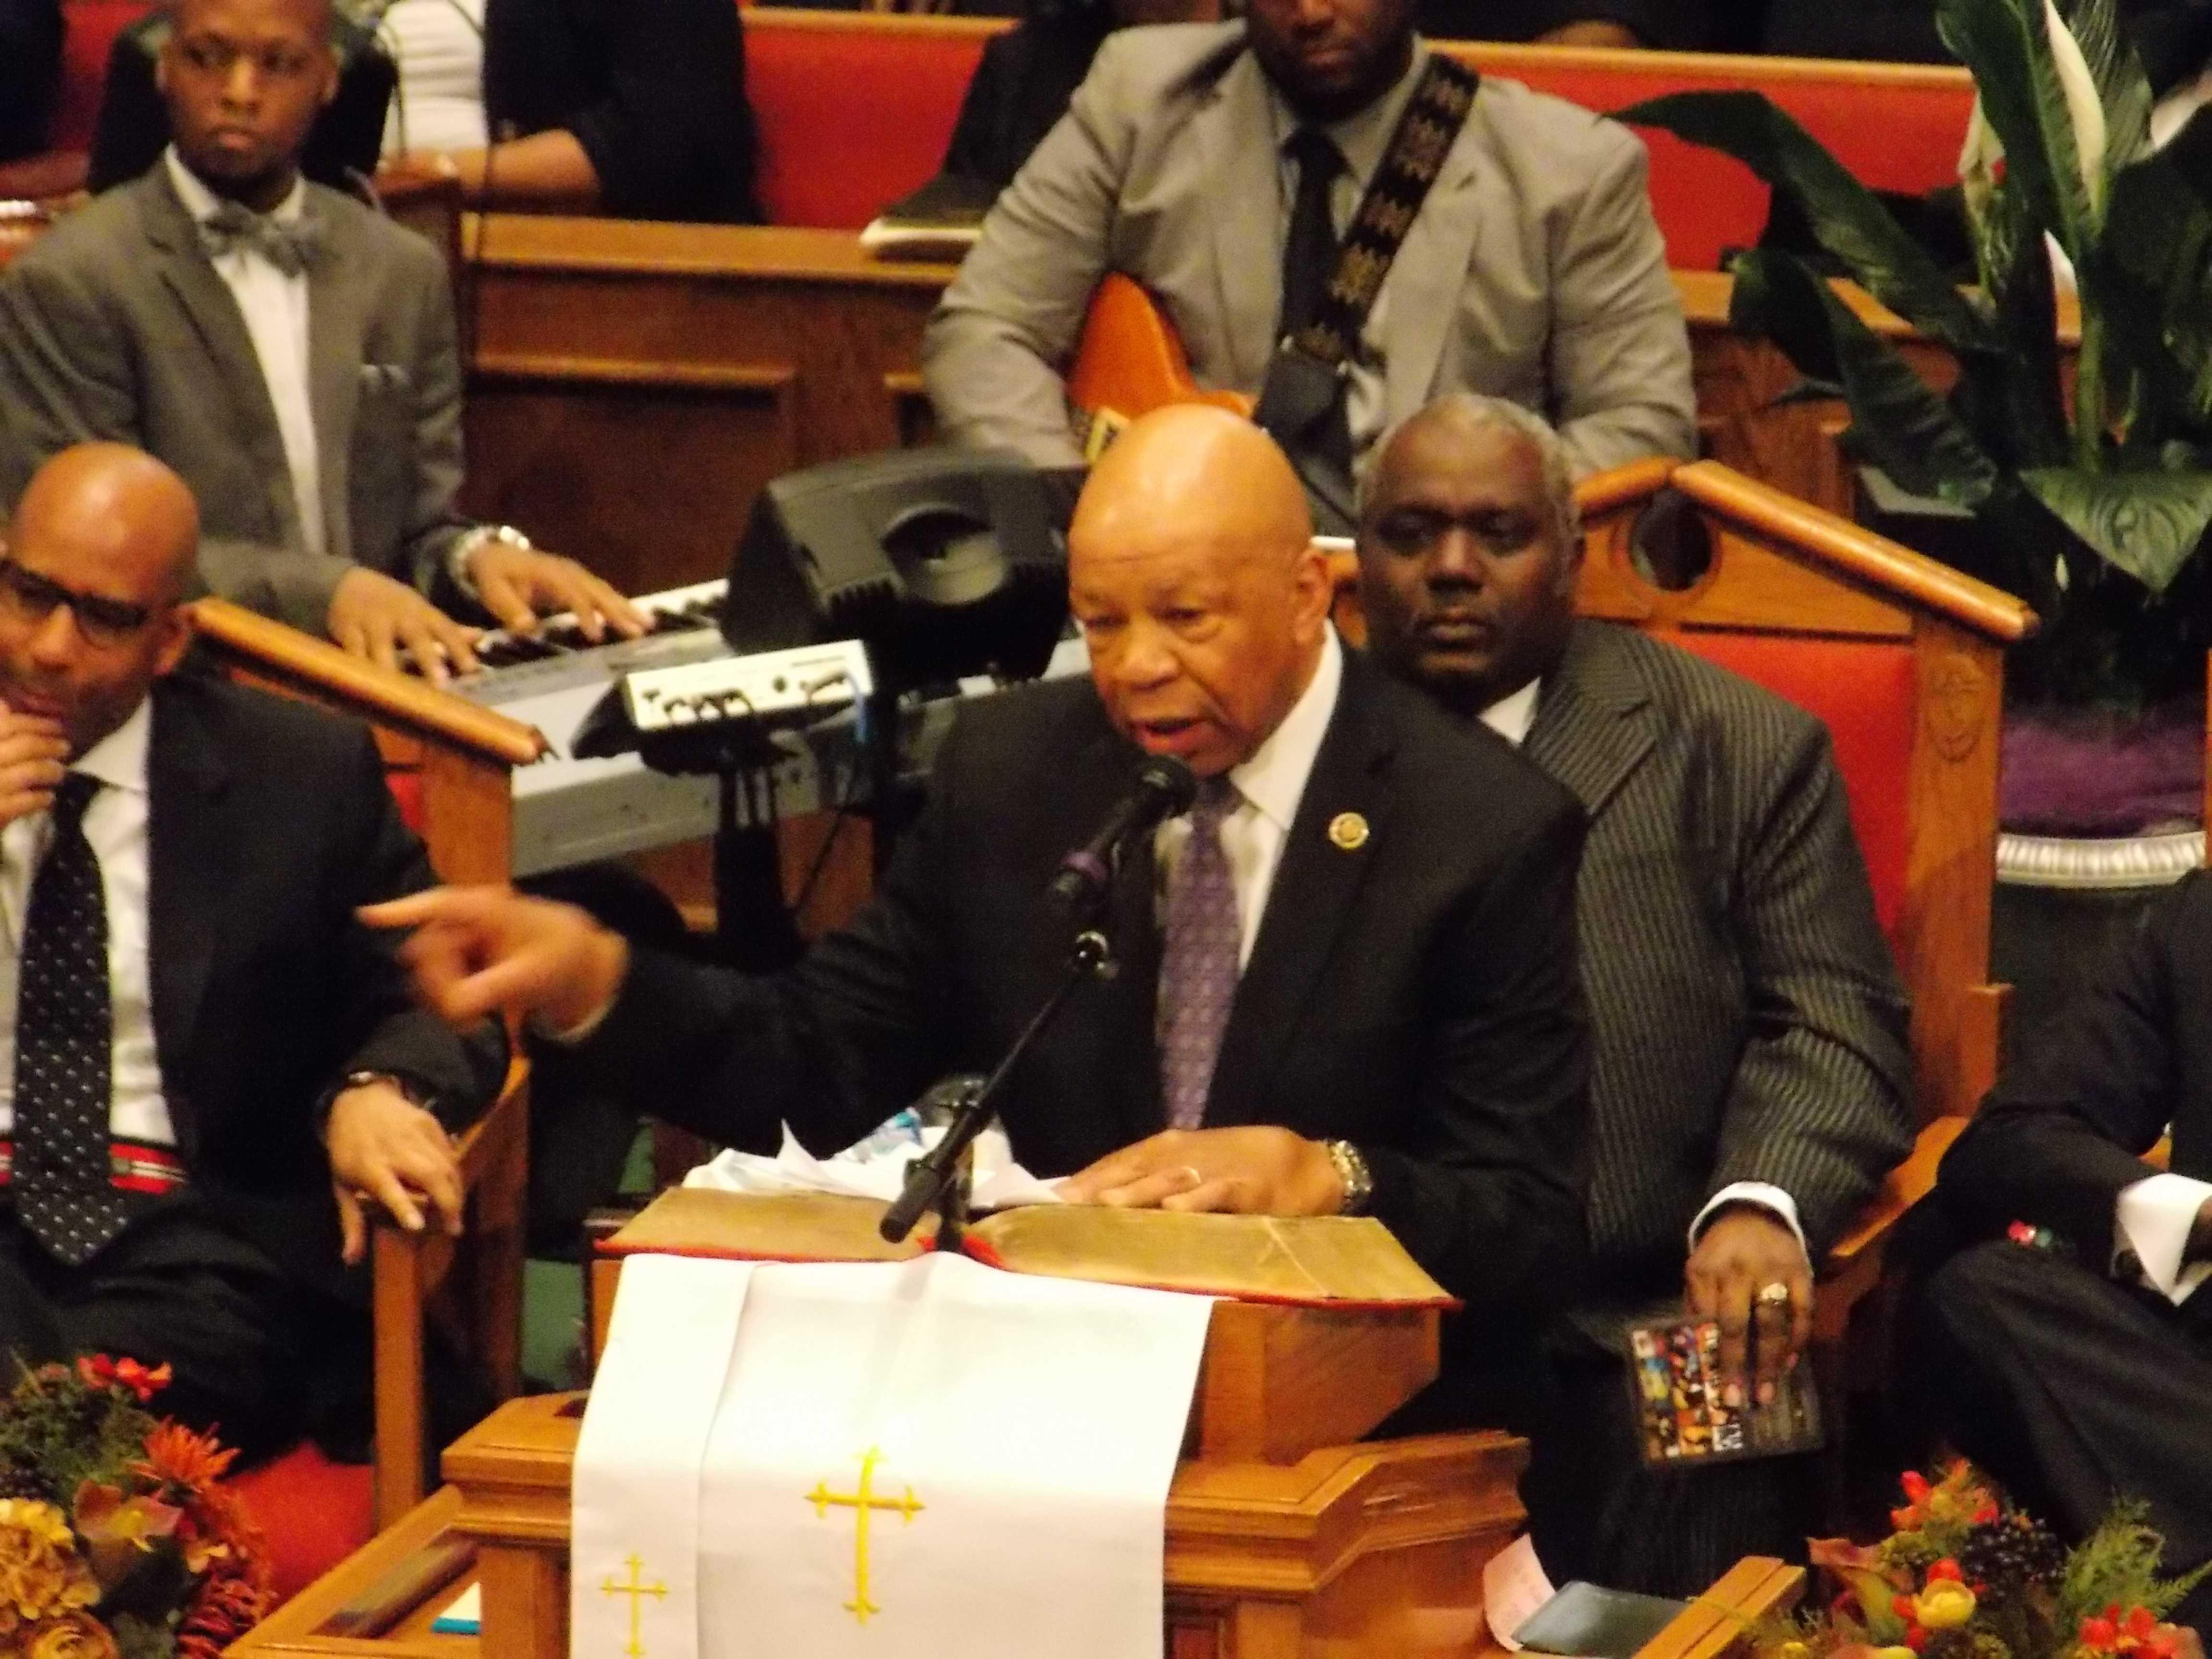 Rep. Elijah Cummings speaking at Freddie Gray's funeral.